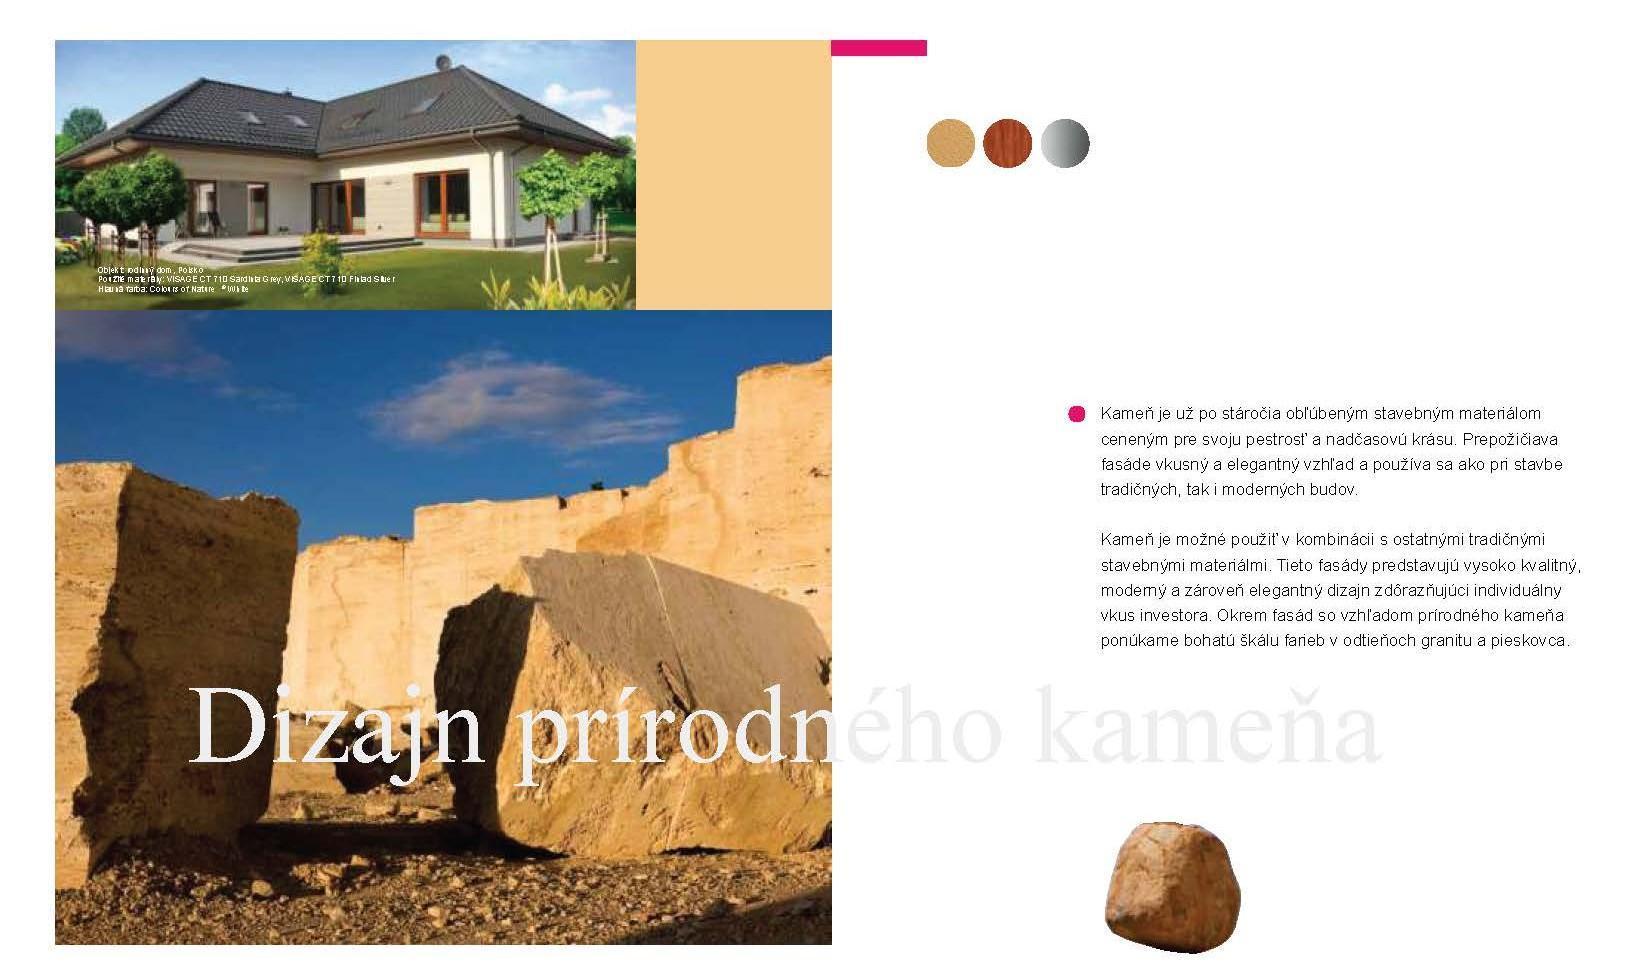 ibv - fasady kamen Page 1 - Prémiové povrchové úpravy fasád